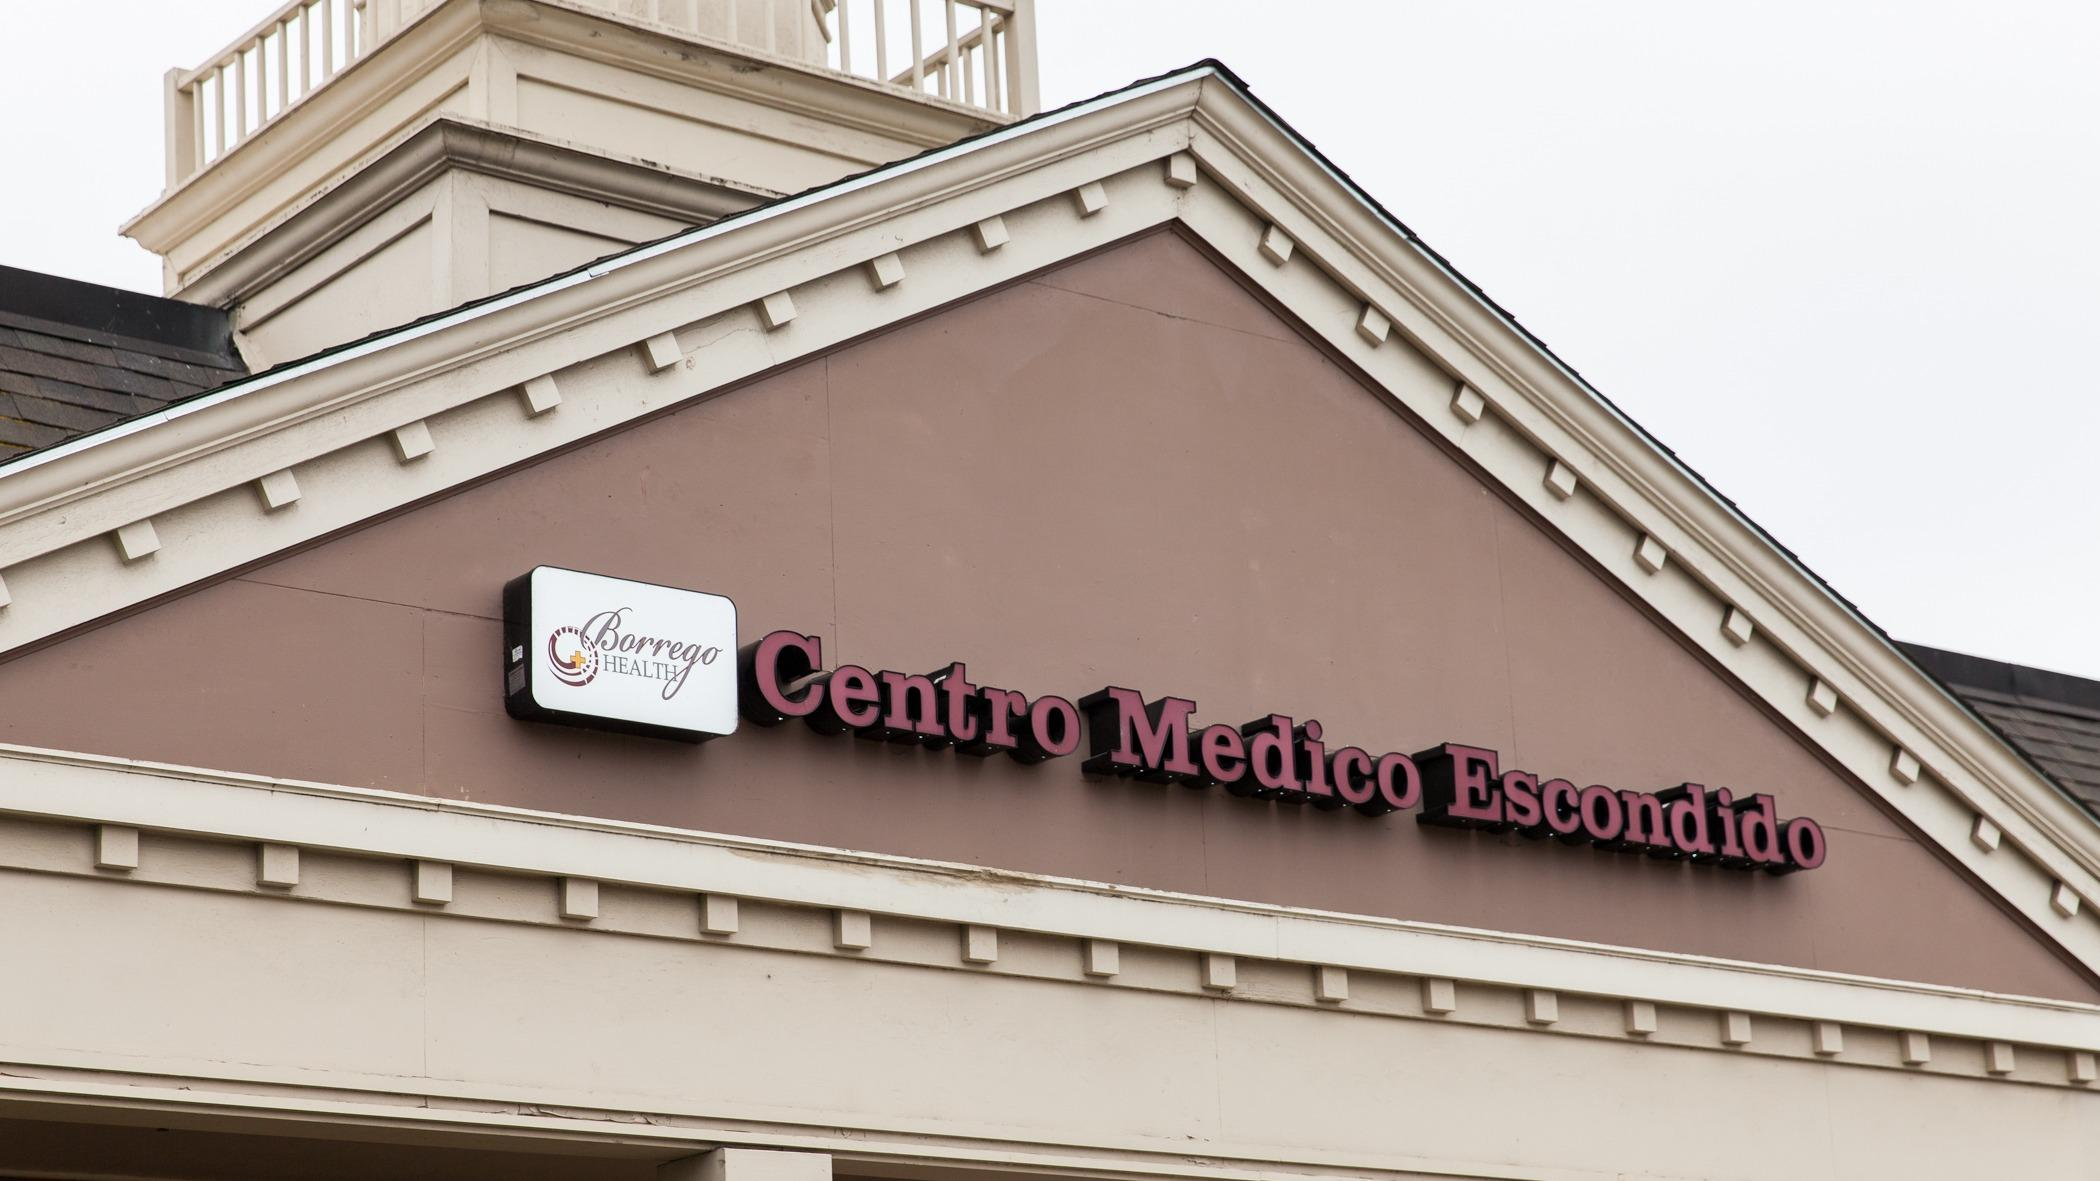 Borrego Health - Centro Medico Escondido